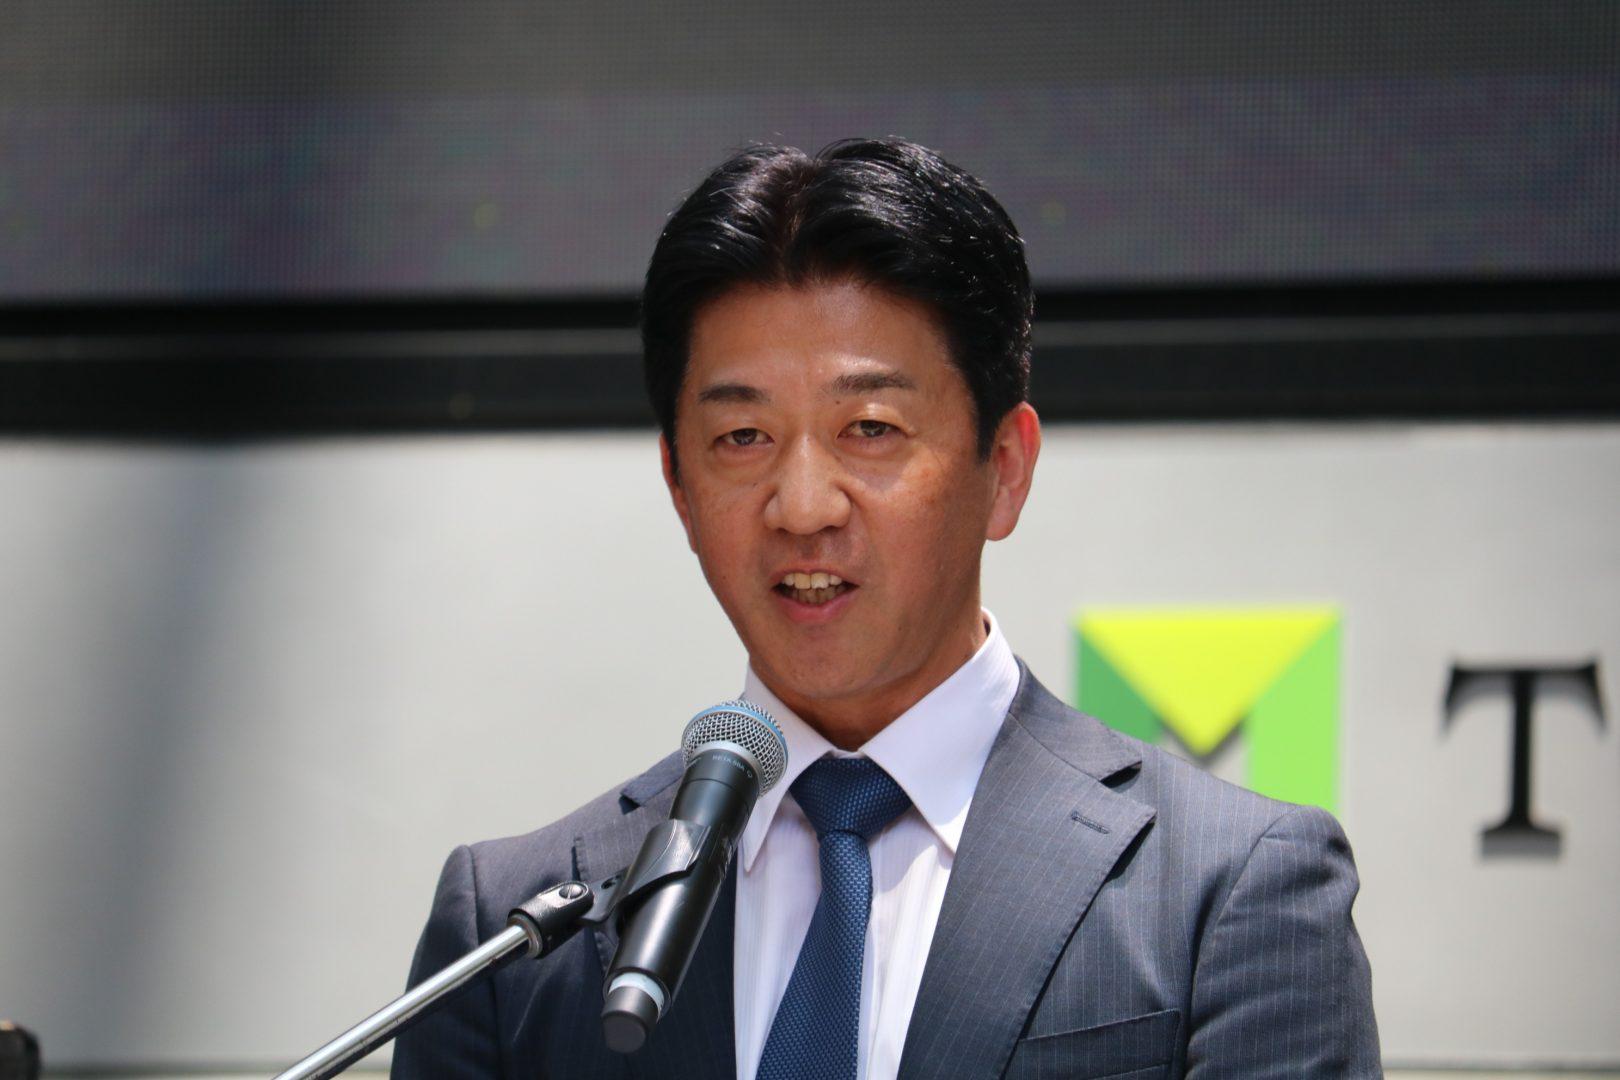 【Tリーグ】EPSホールディングス株式会社とオフィシャルスポンサー契約を締結